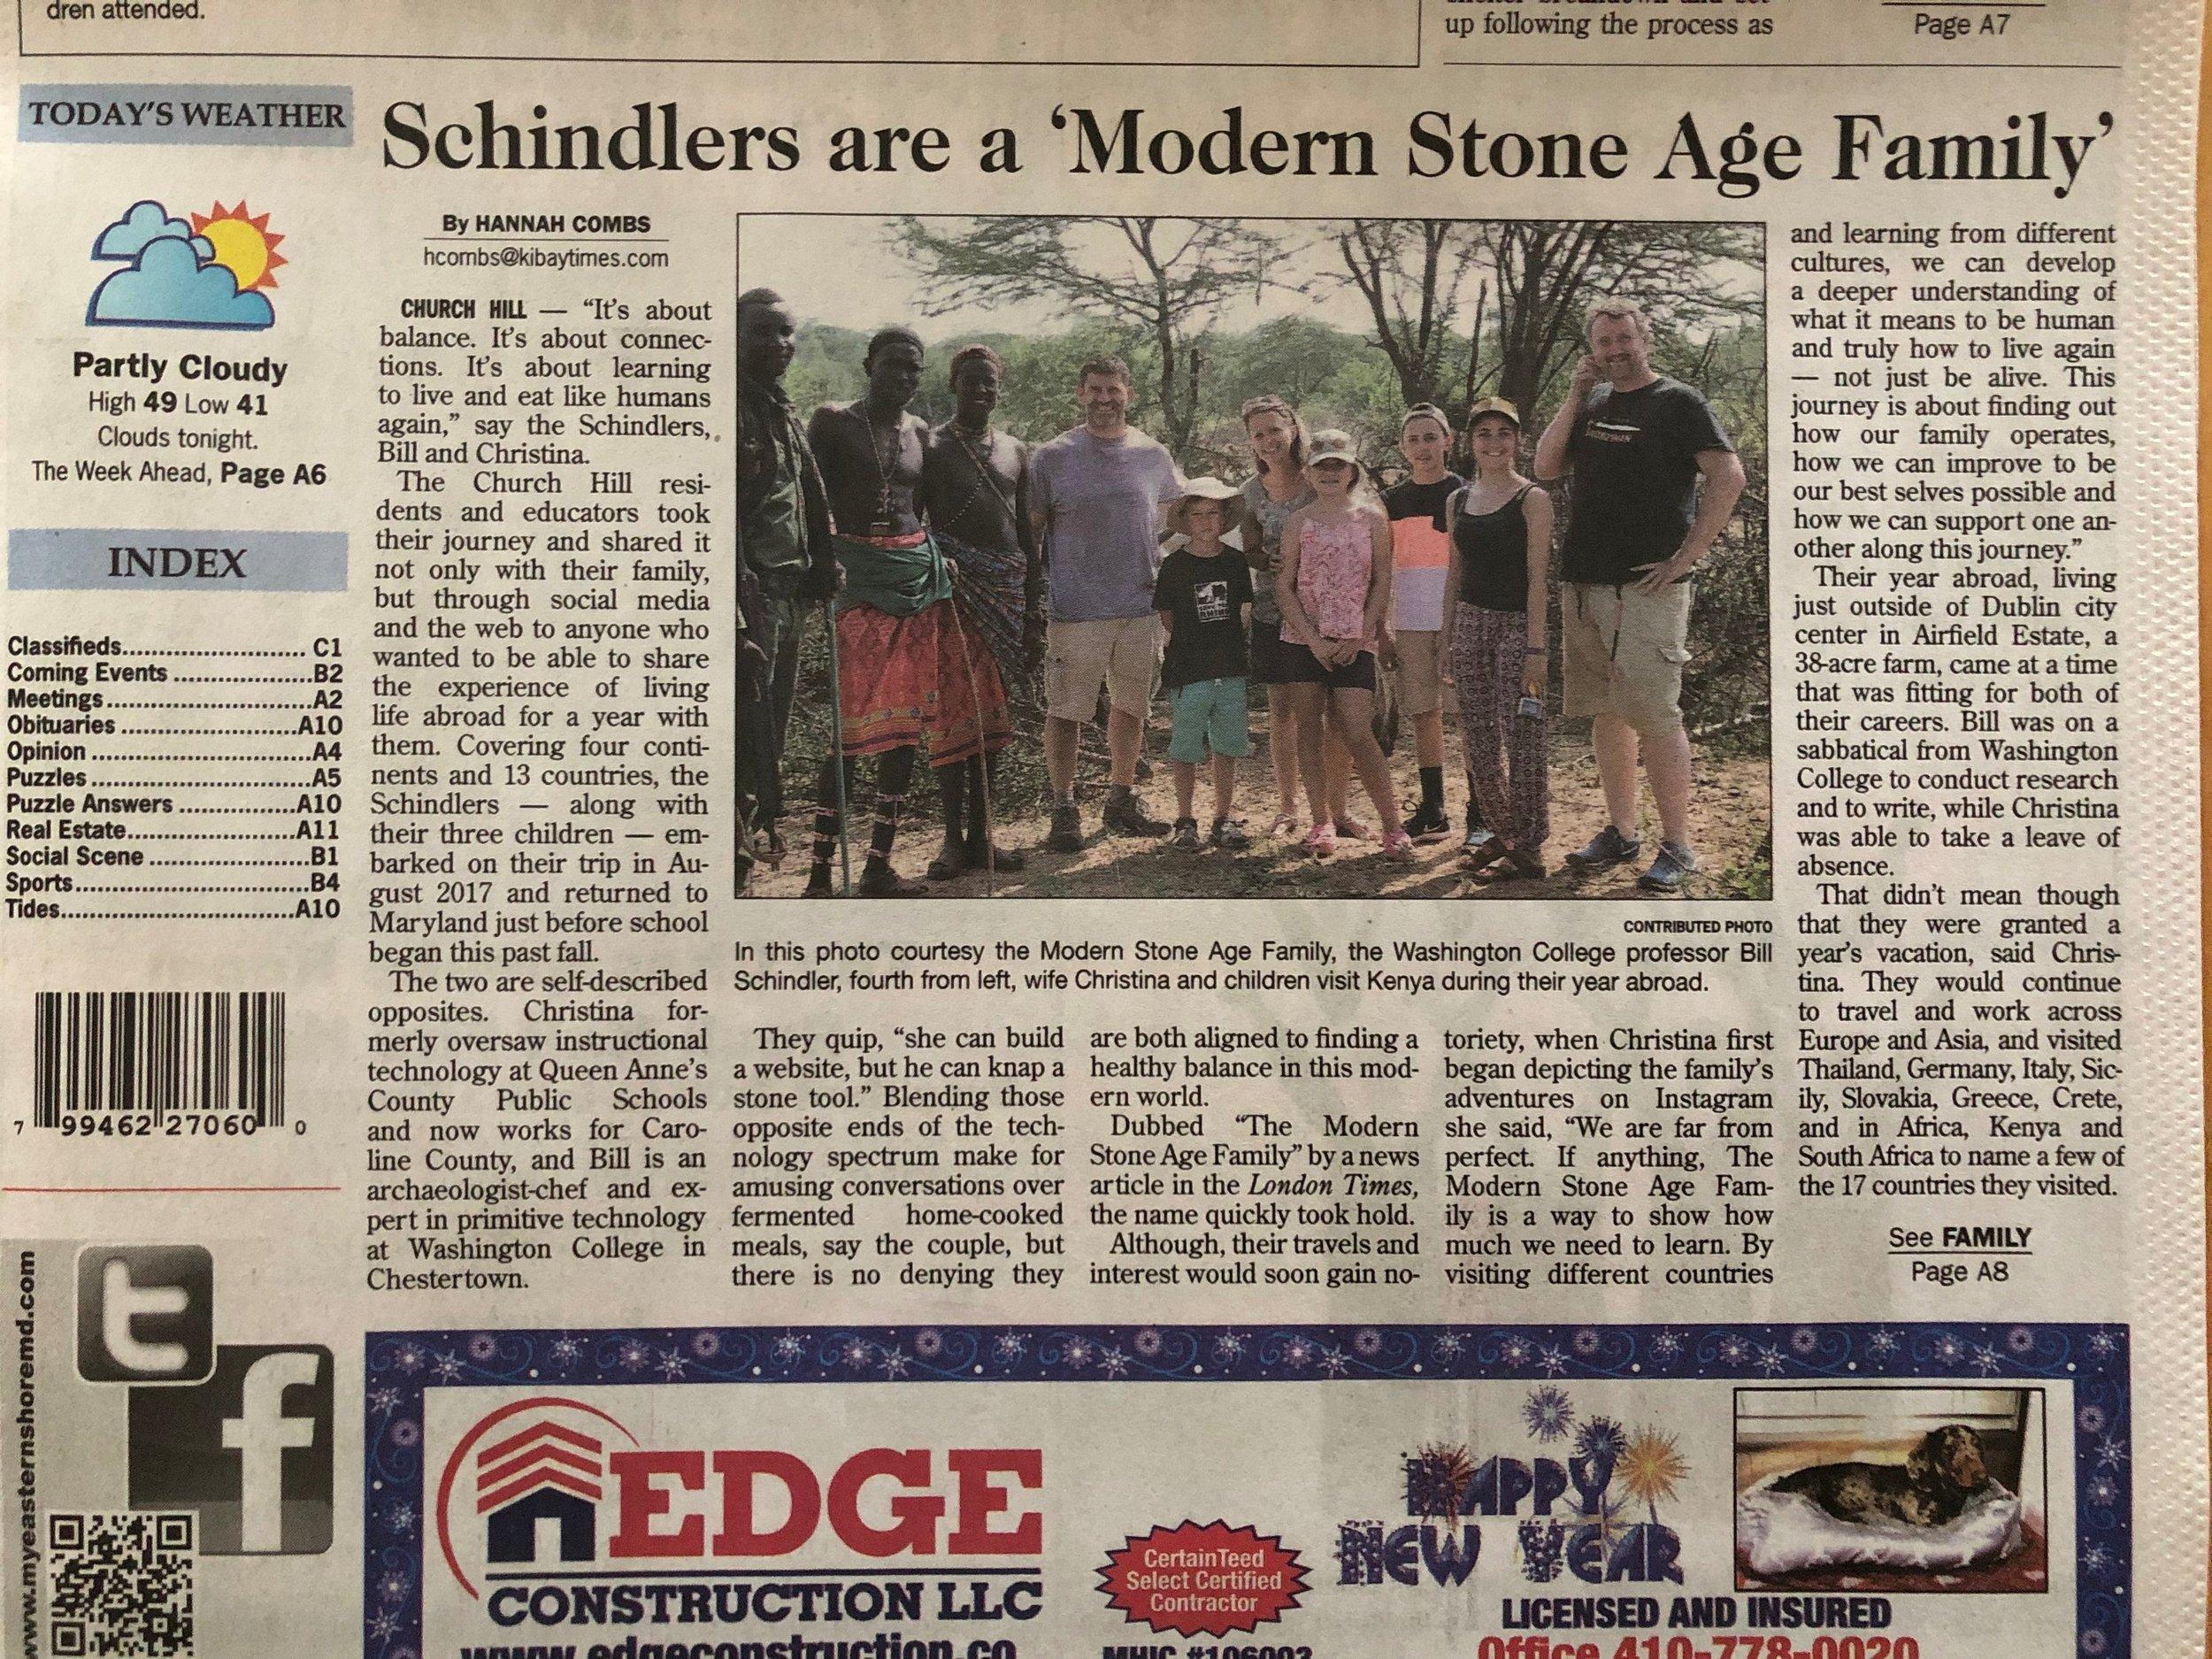 Kent County News on 1/3/18